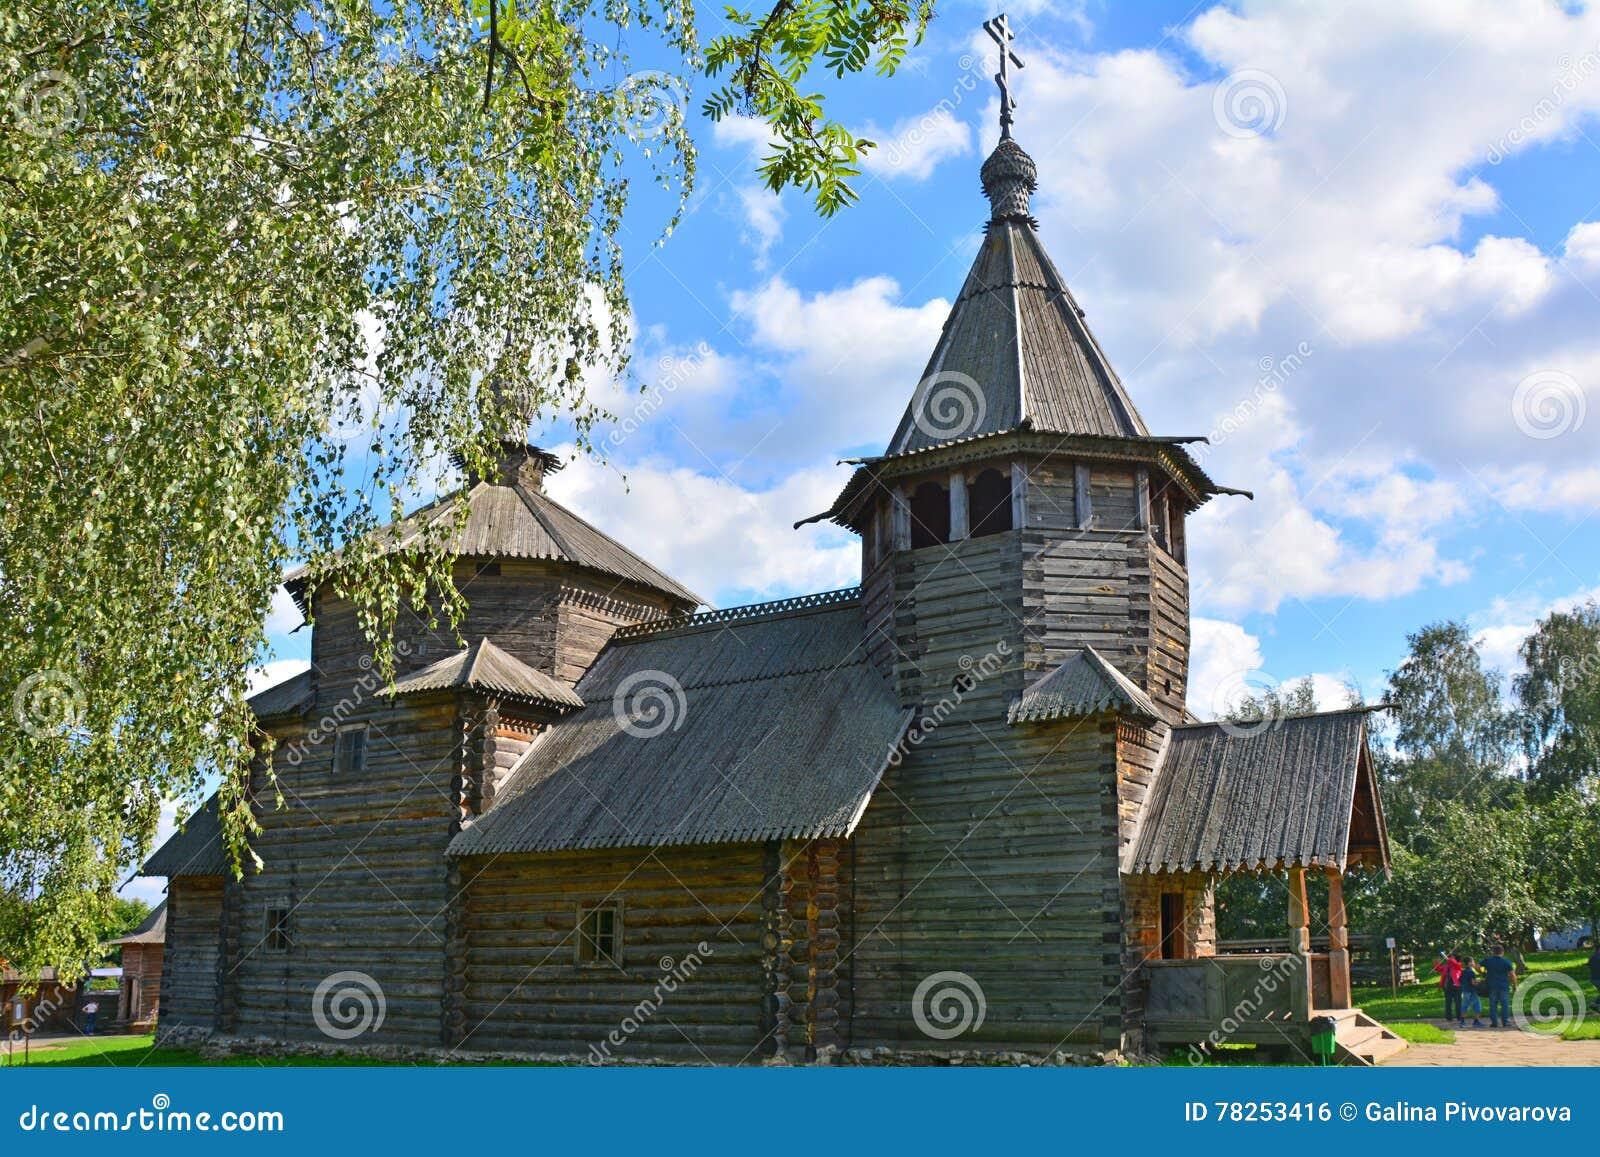 Δευτερεύουσα πρόσοψη της εκκλησίας της αναζοωγόνησης του 19ου αιώνα στο μουσείο της ξύλινης αρχιτεκτονικής στο Σούζνταλ, Ρωσία